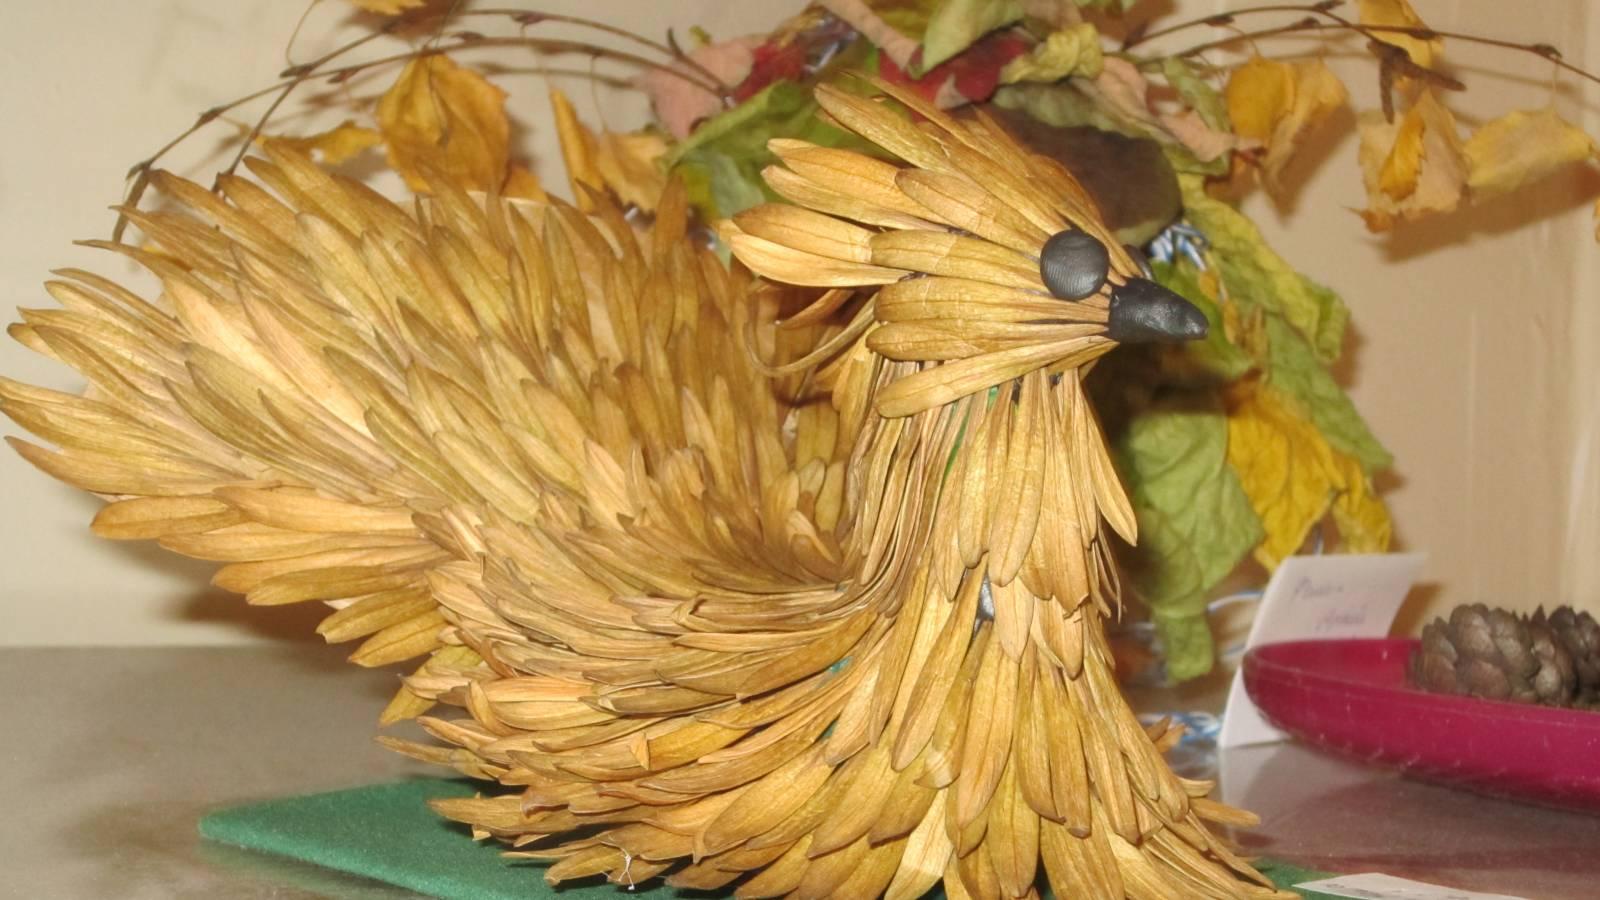 какую поделку можно сделать из моха шишек каштана.